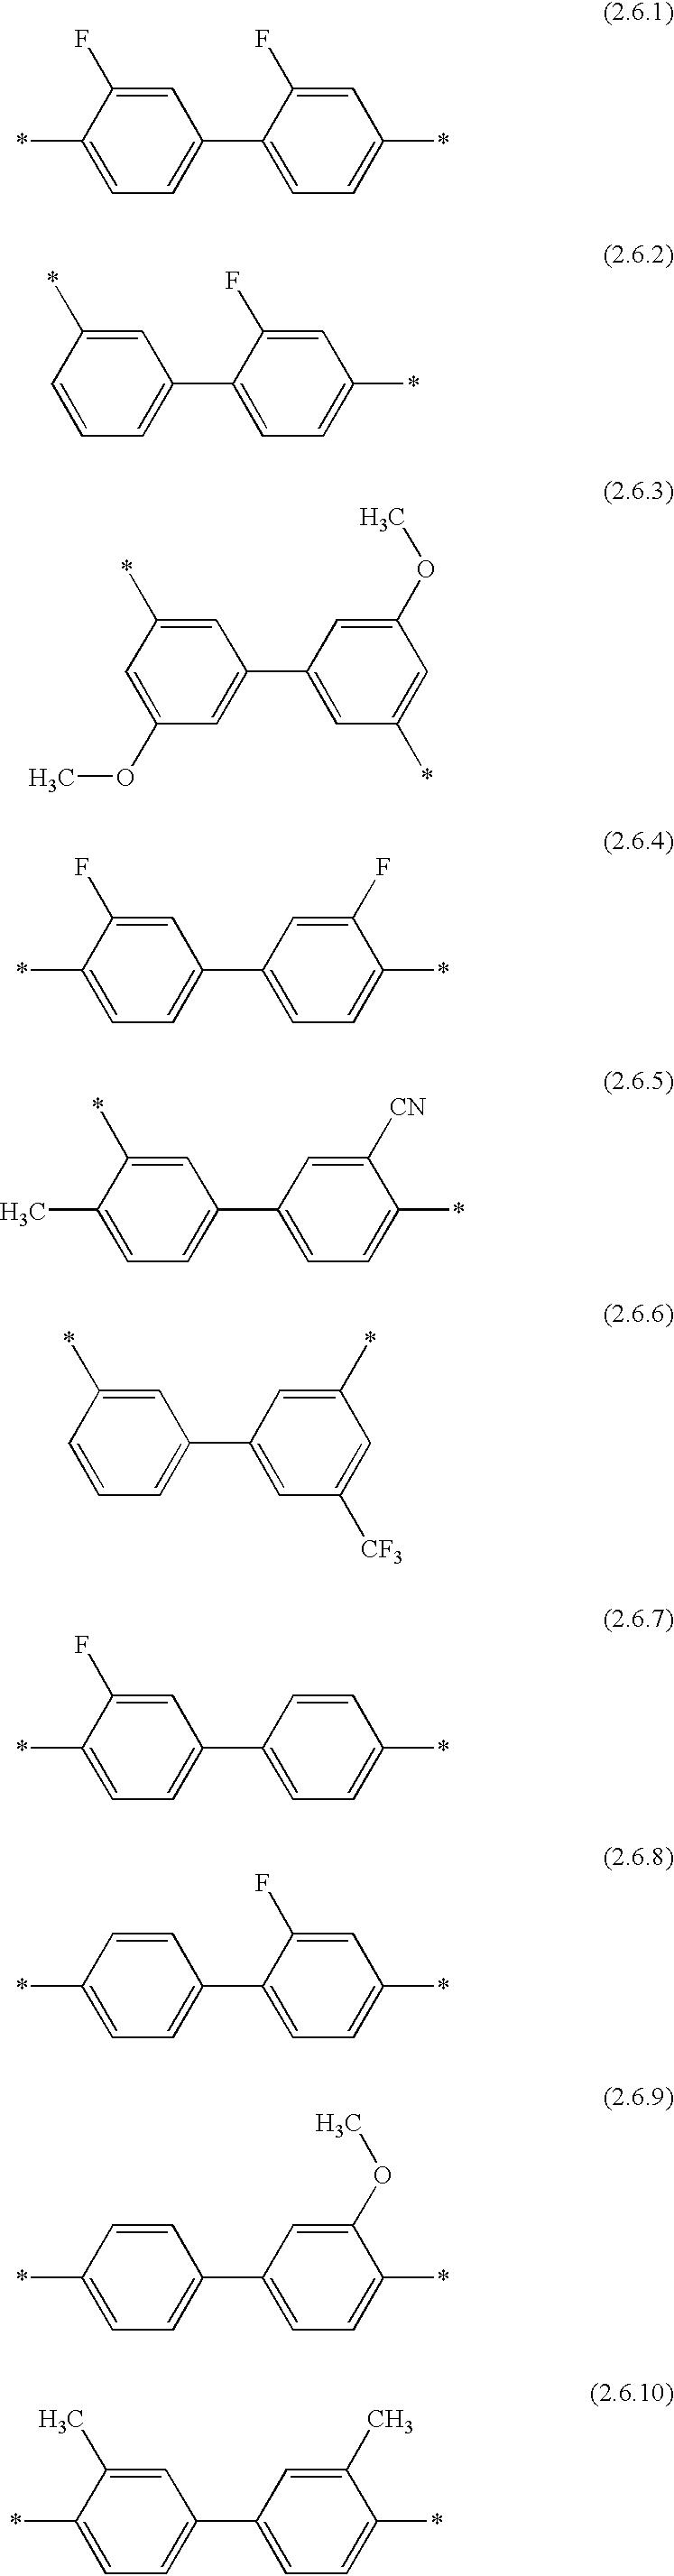 Figure US20020123520A1-20020905-C00083